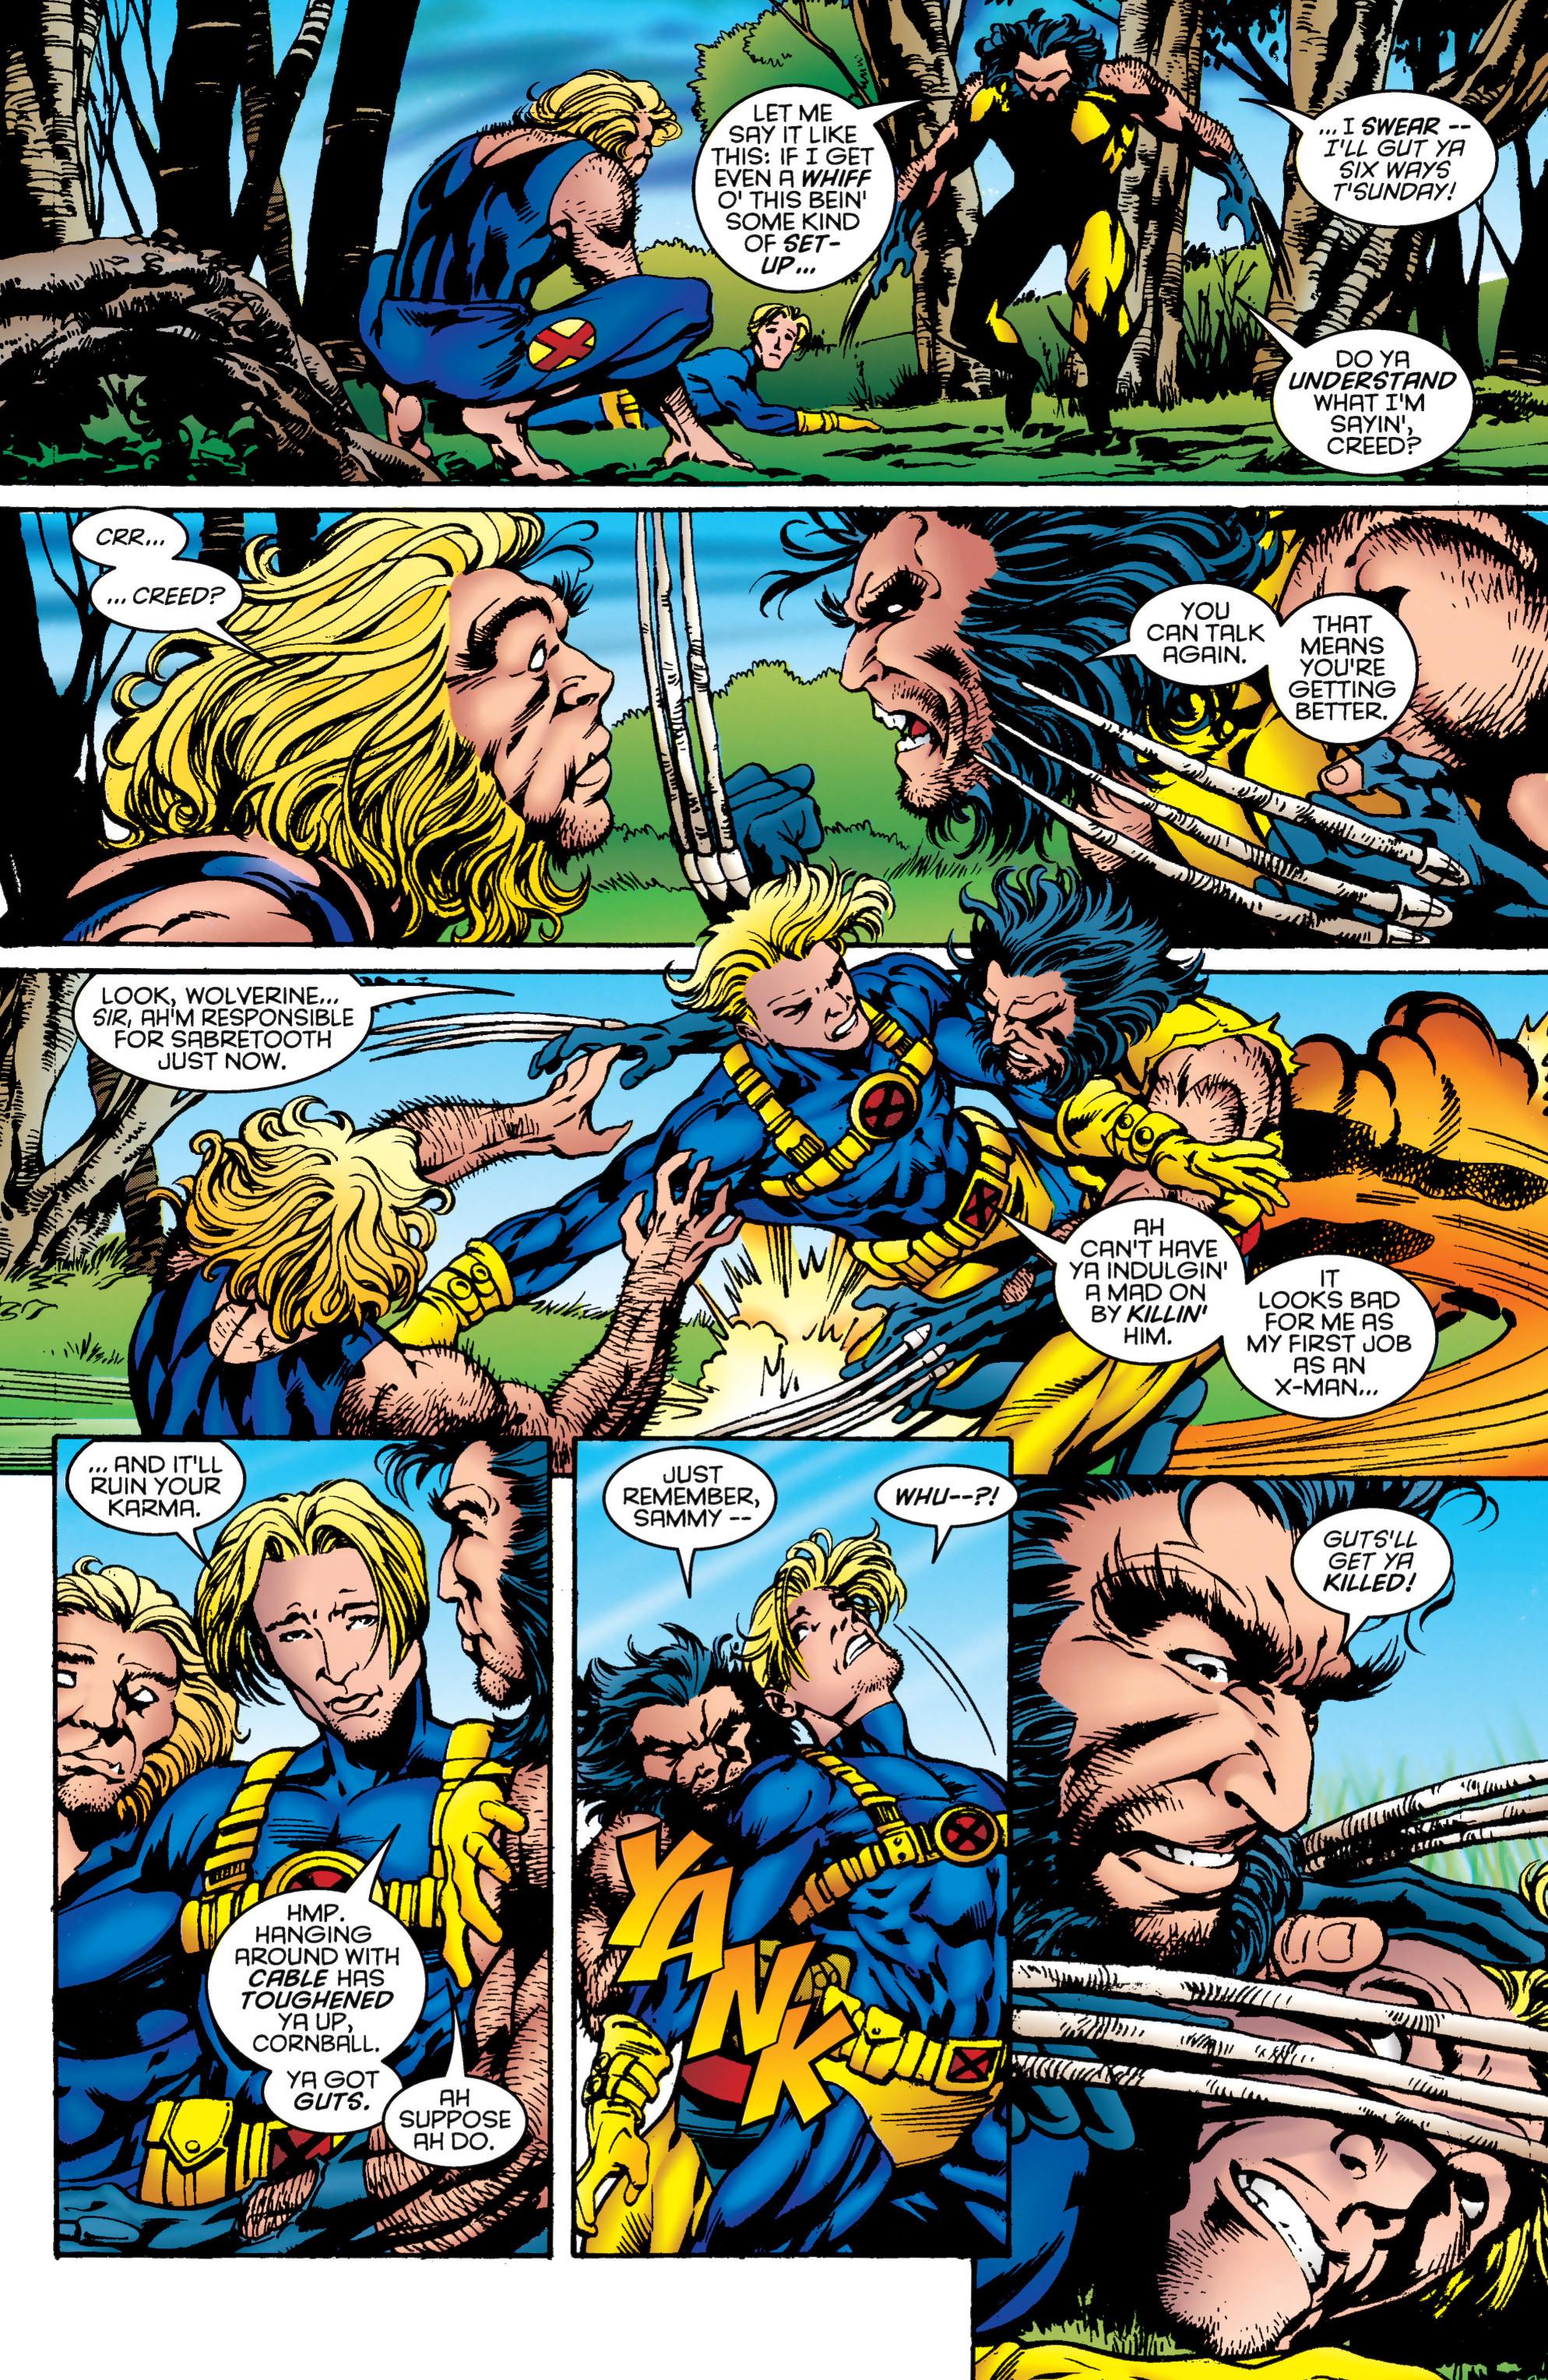 Read online Uncanny X-Men (1963) comic -  Issue #323 - 9